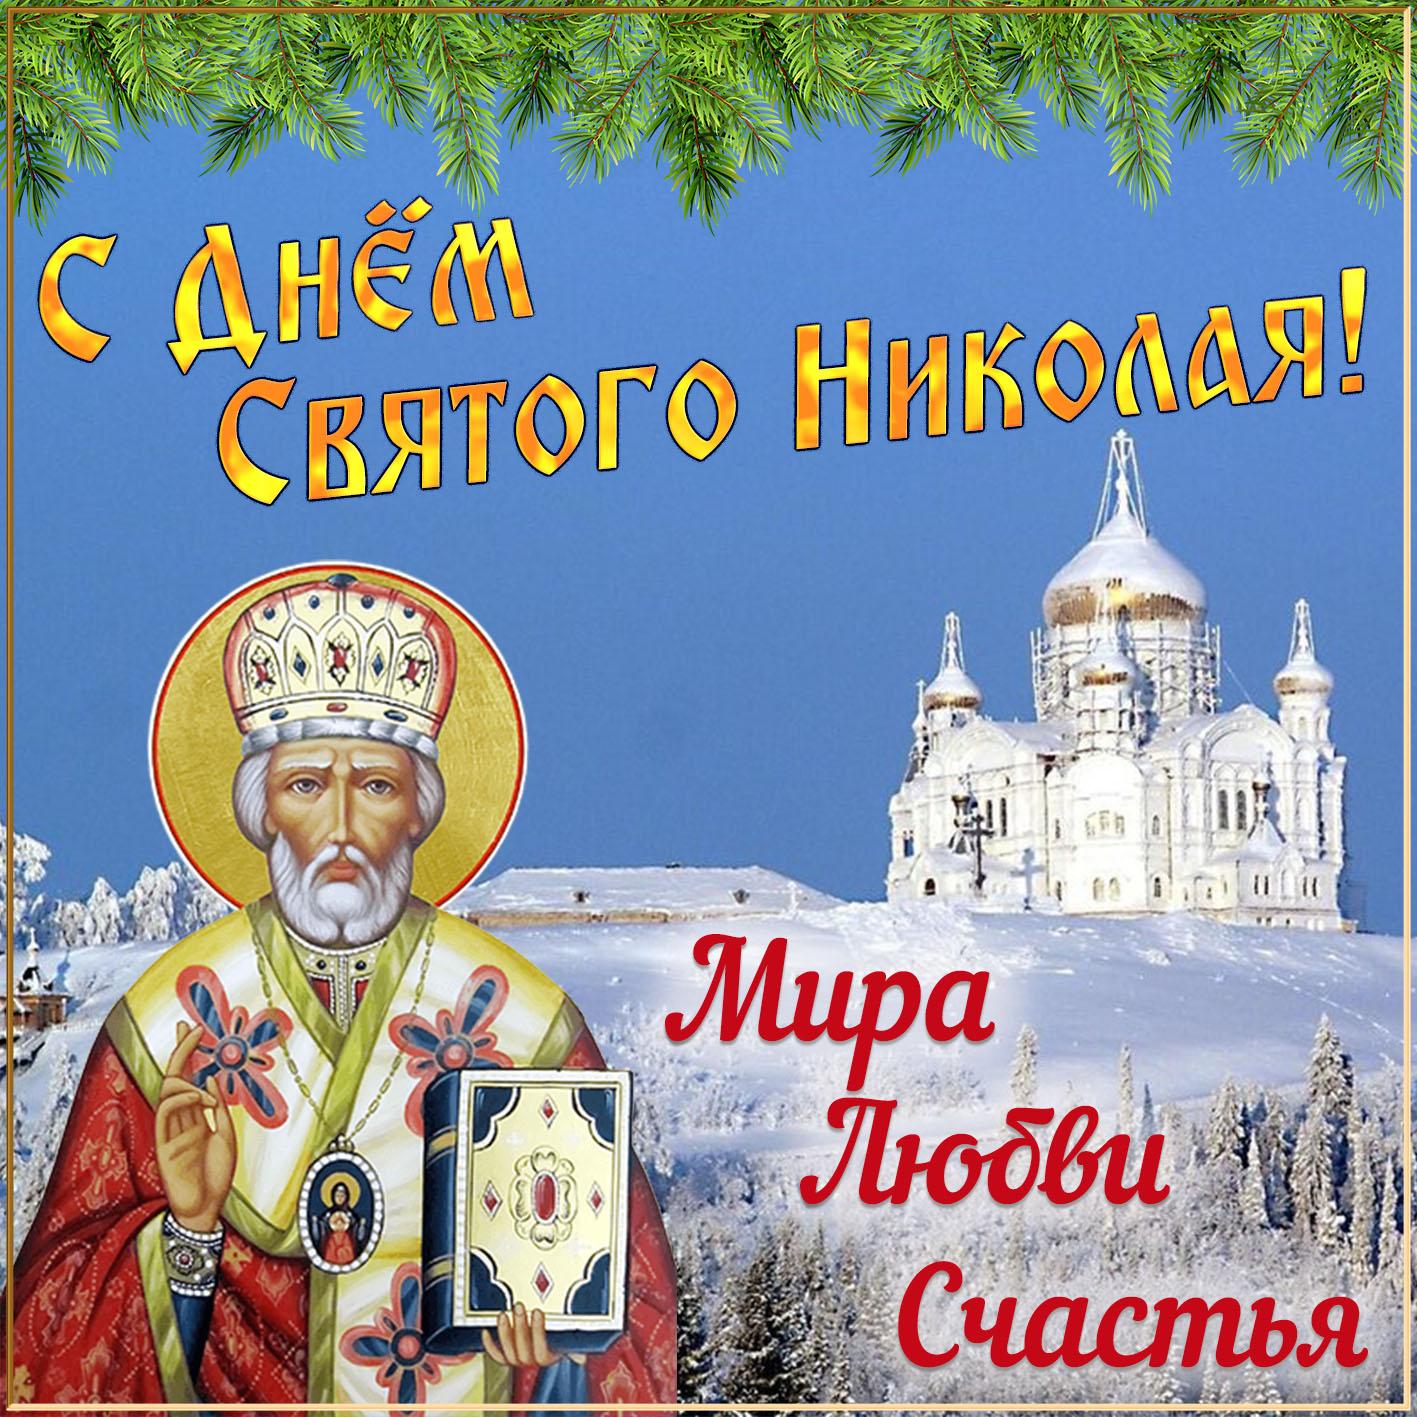 Картинки для, открытка день святого николая чудотворца в 2018